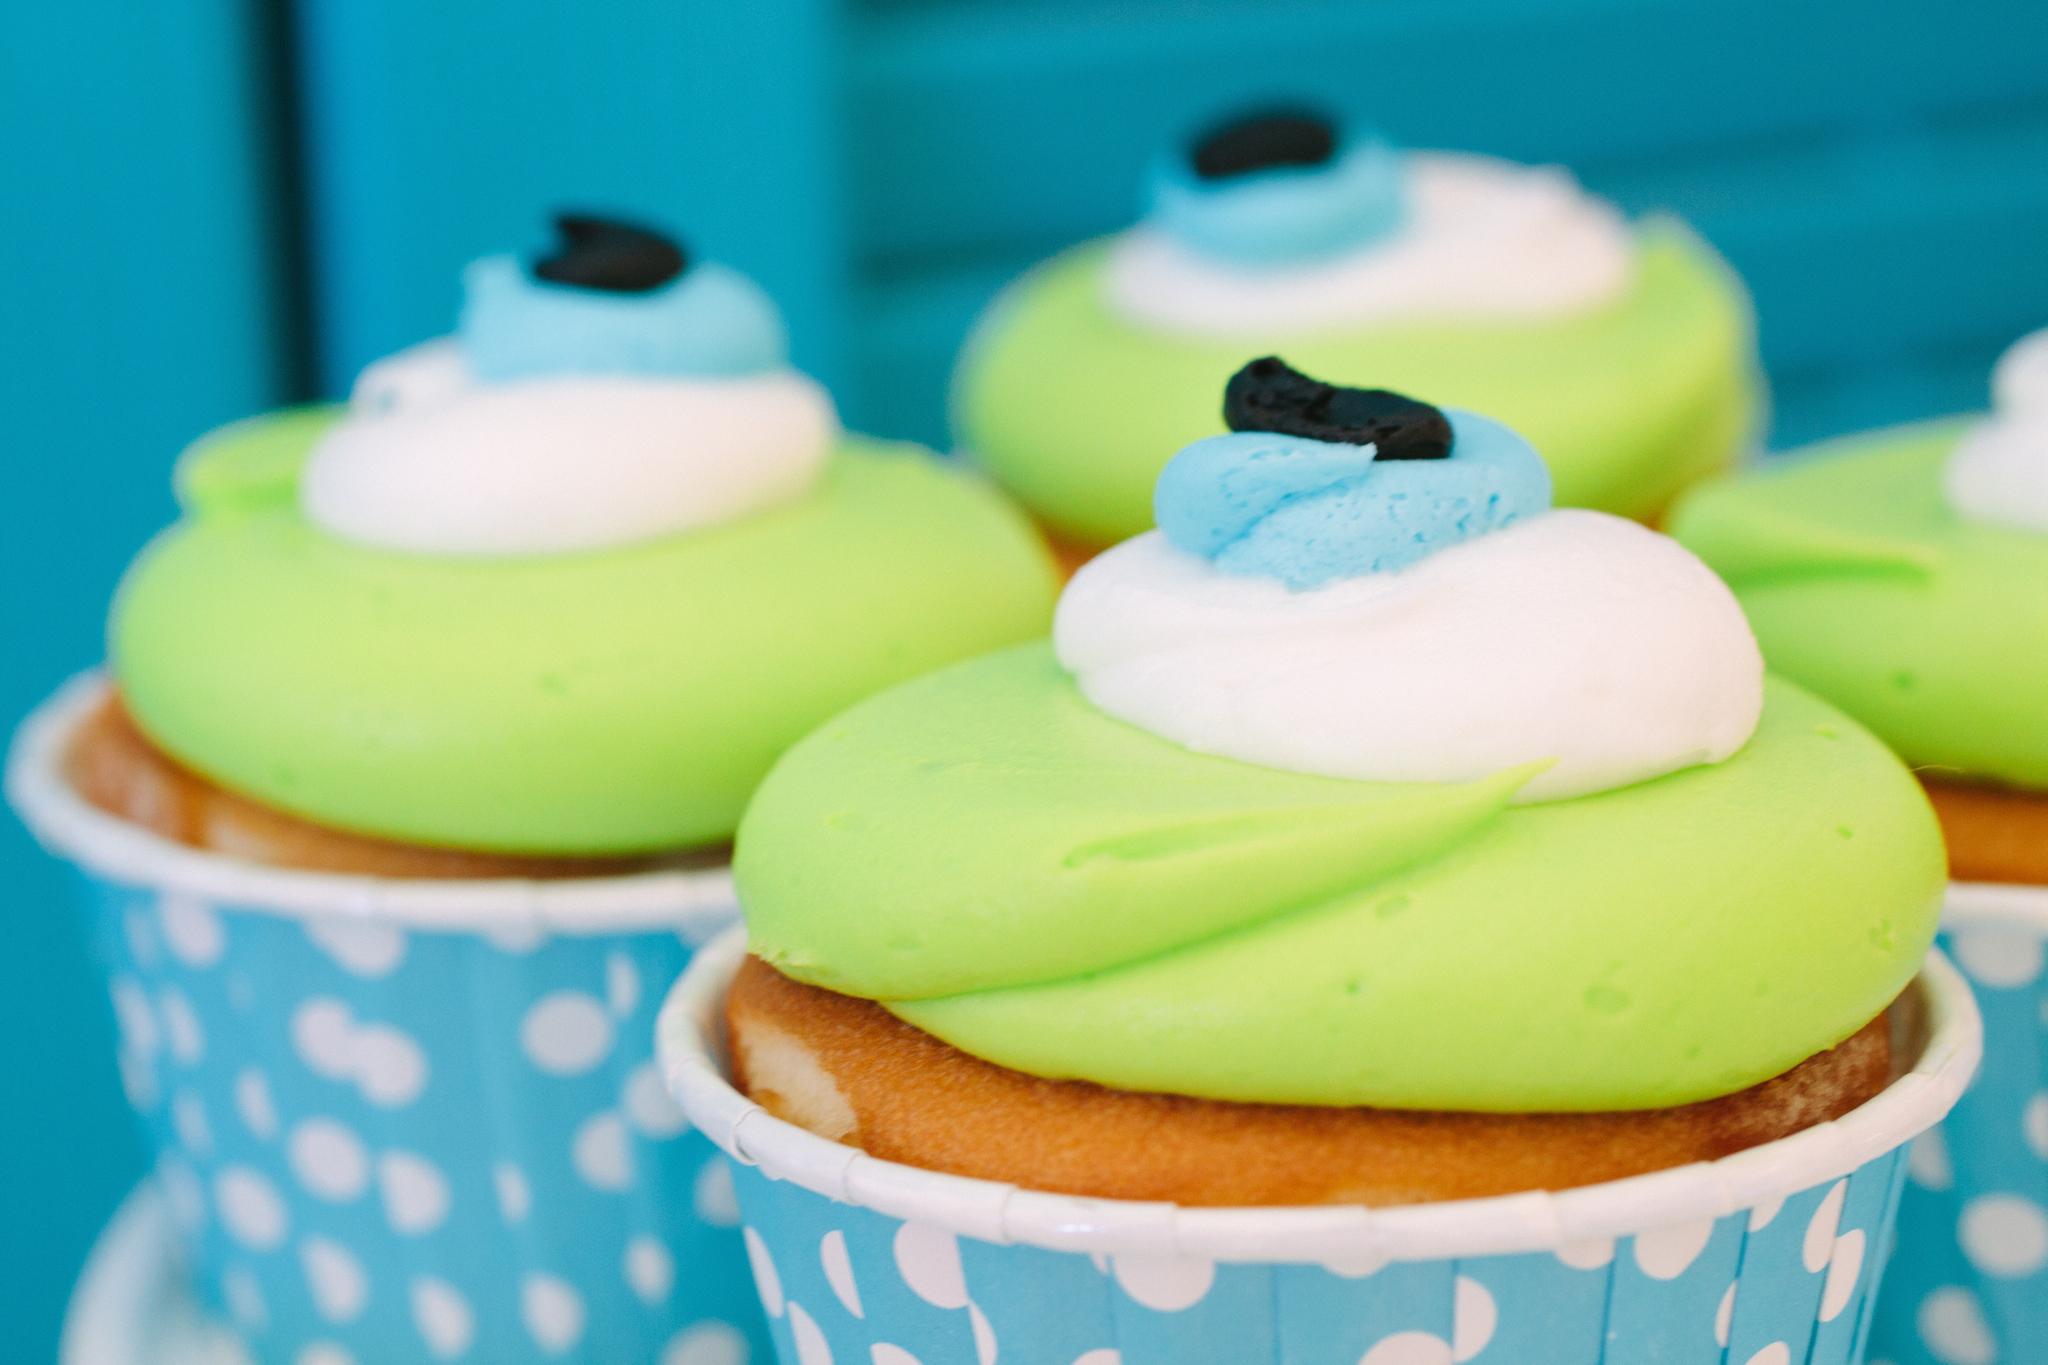 Mike Wazowski Cupcakes